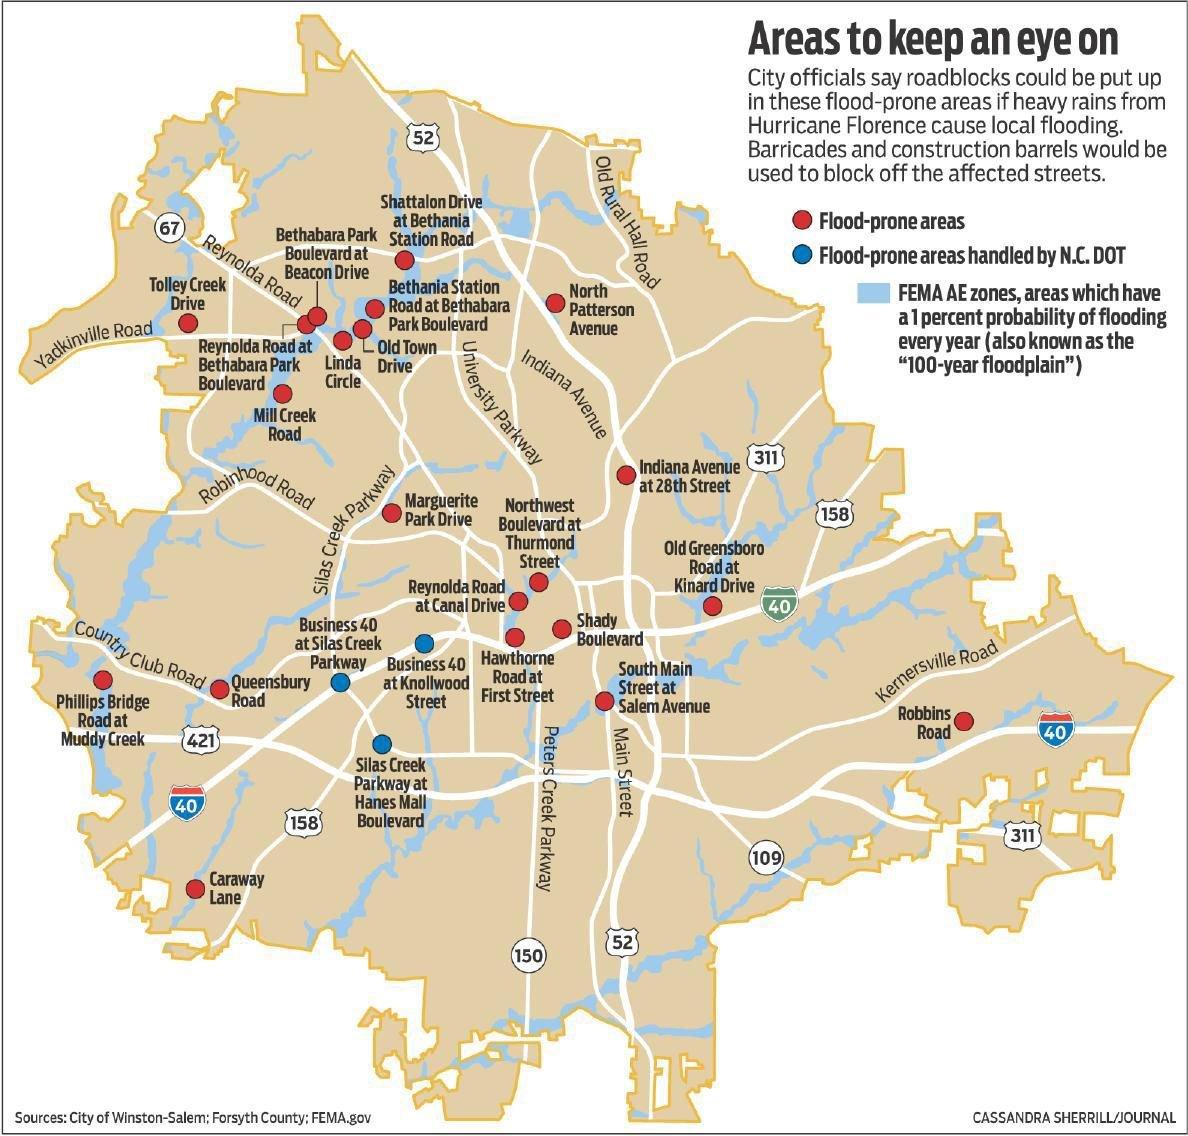 flood prone areas in winston salem uploaded pdfs